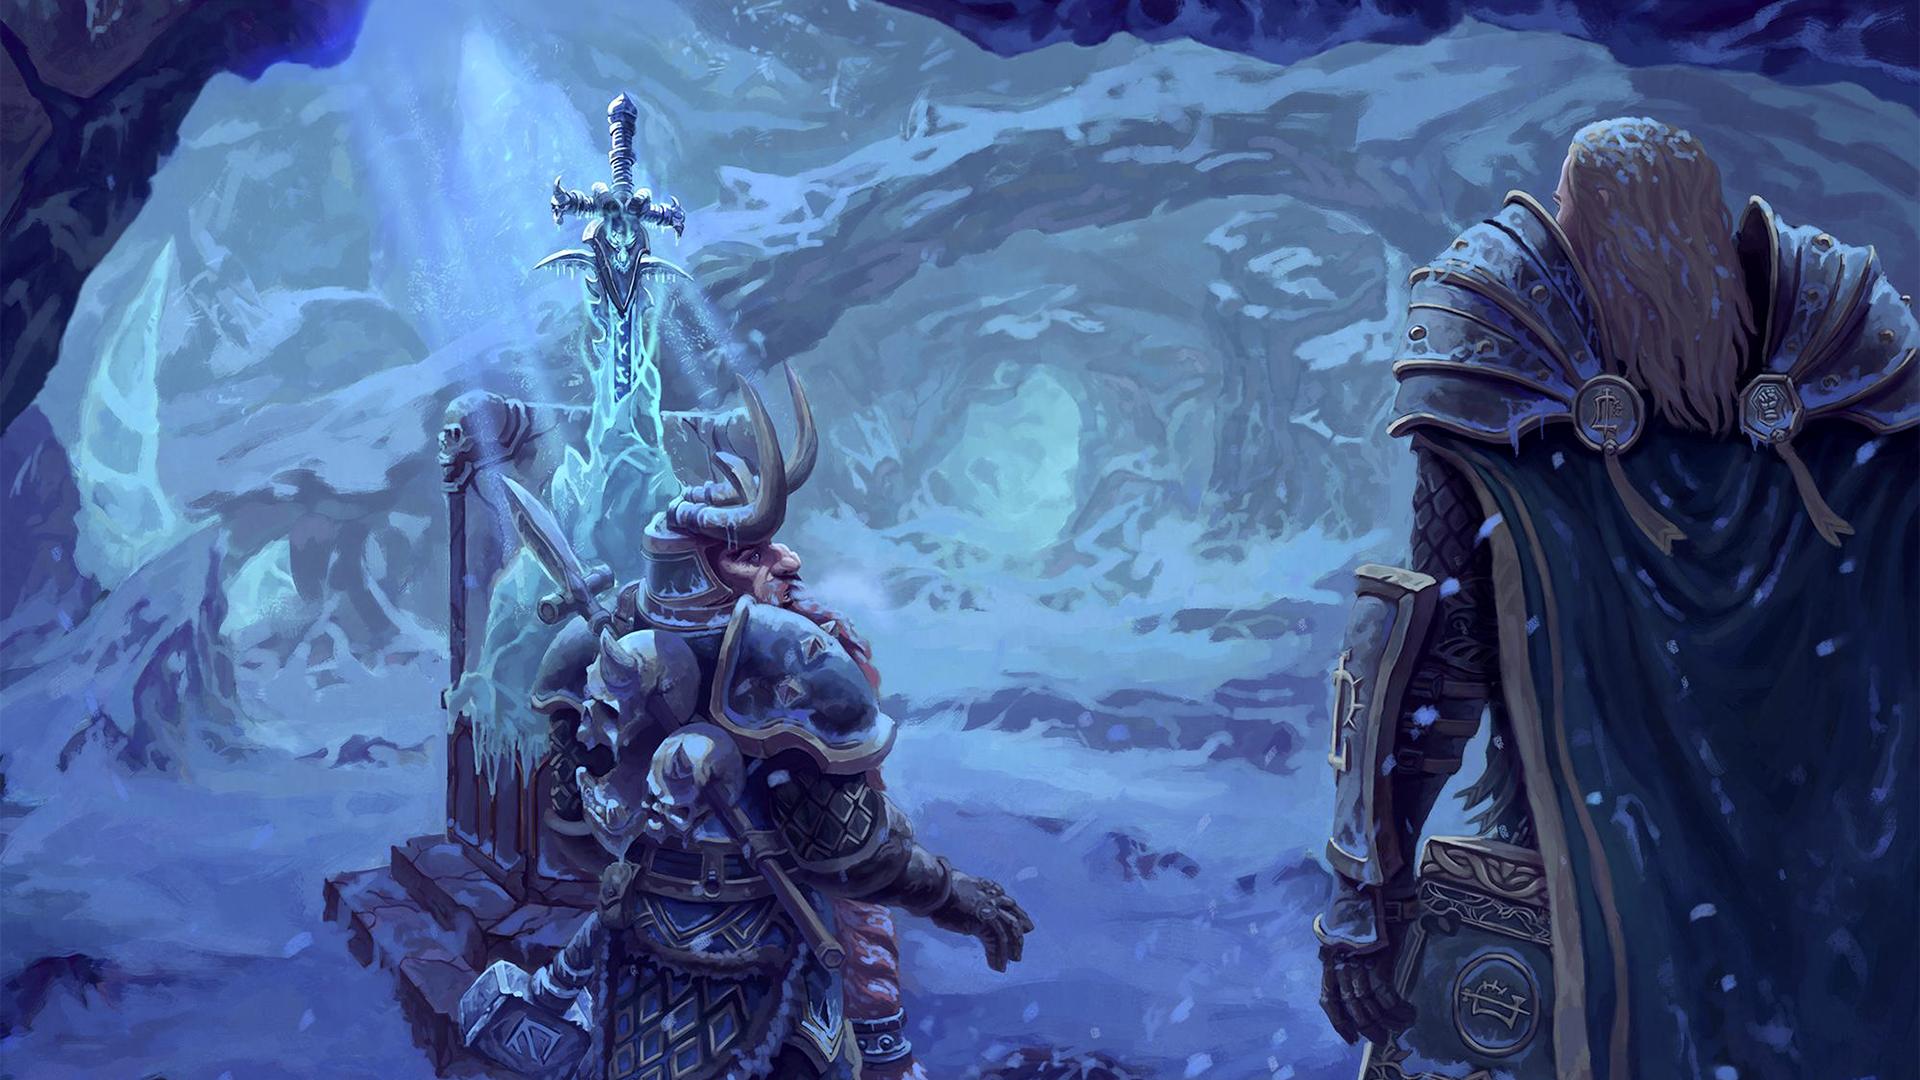 Wallpaper Arthas Muradin Lich King Frostmourne World Of